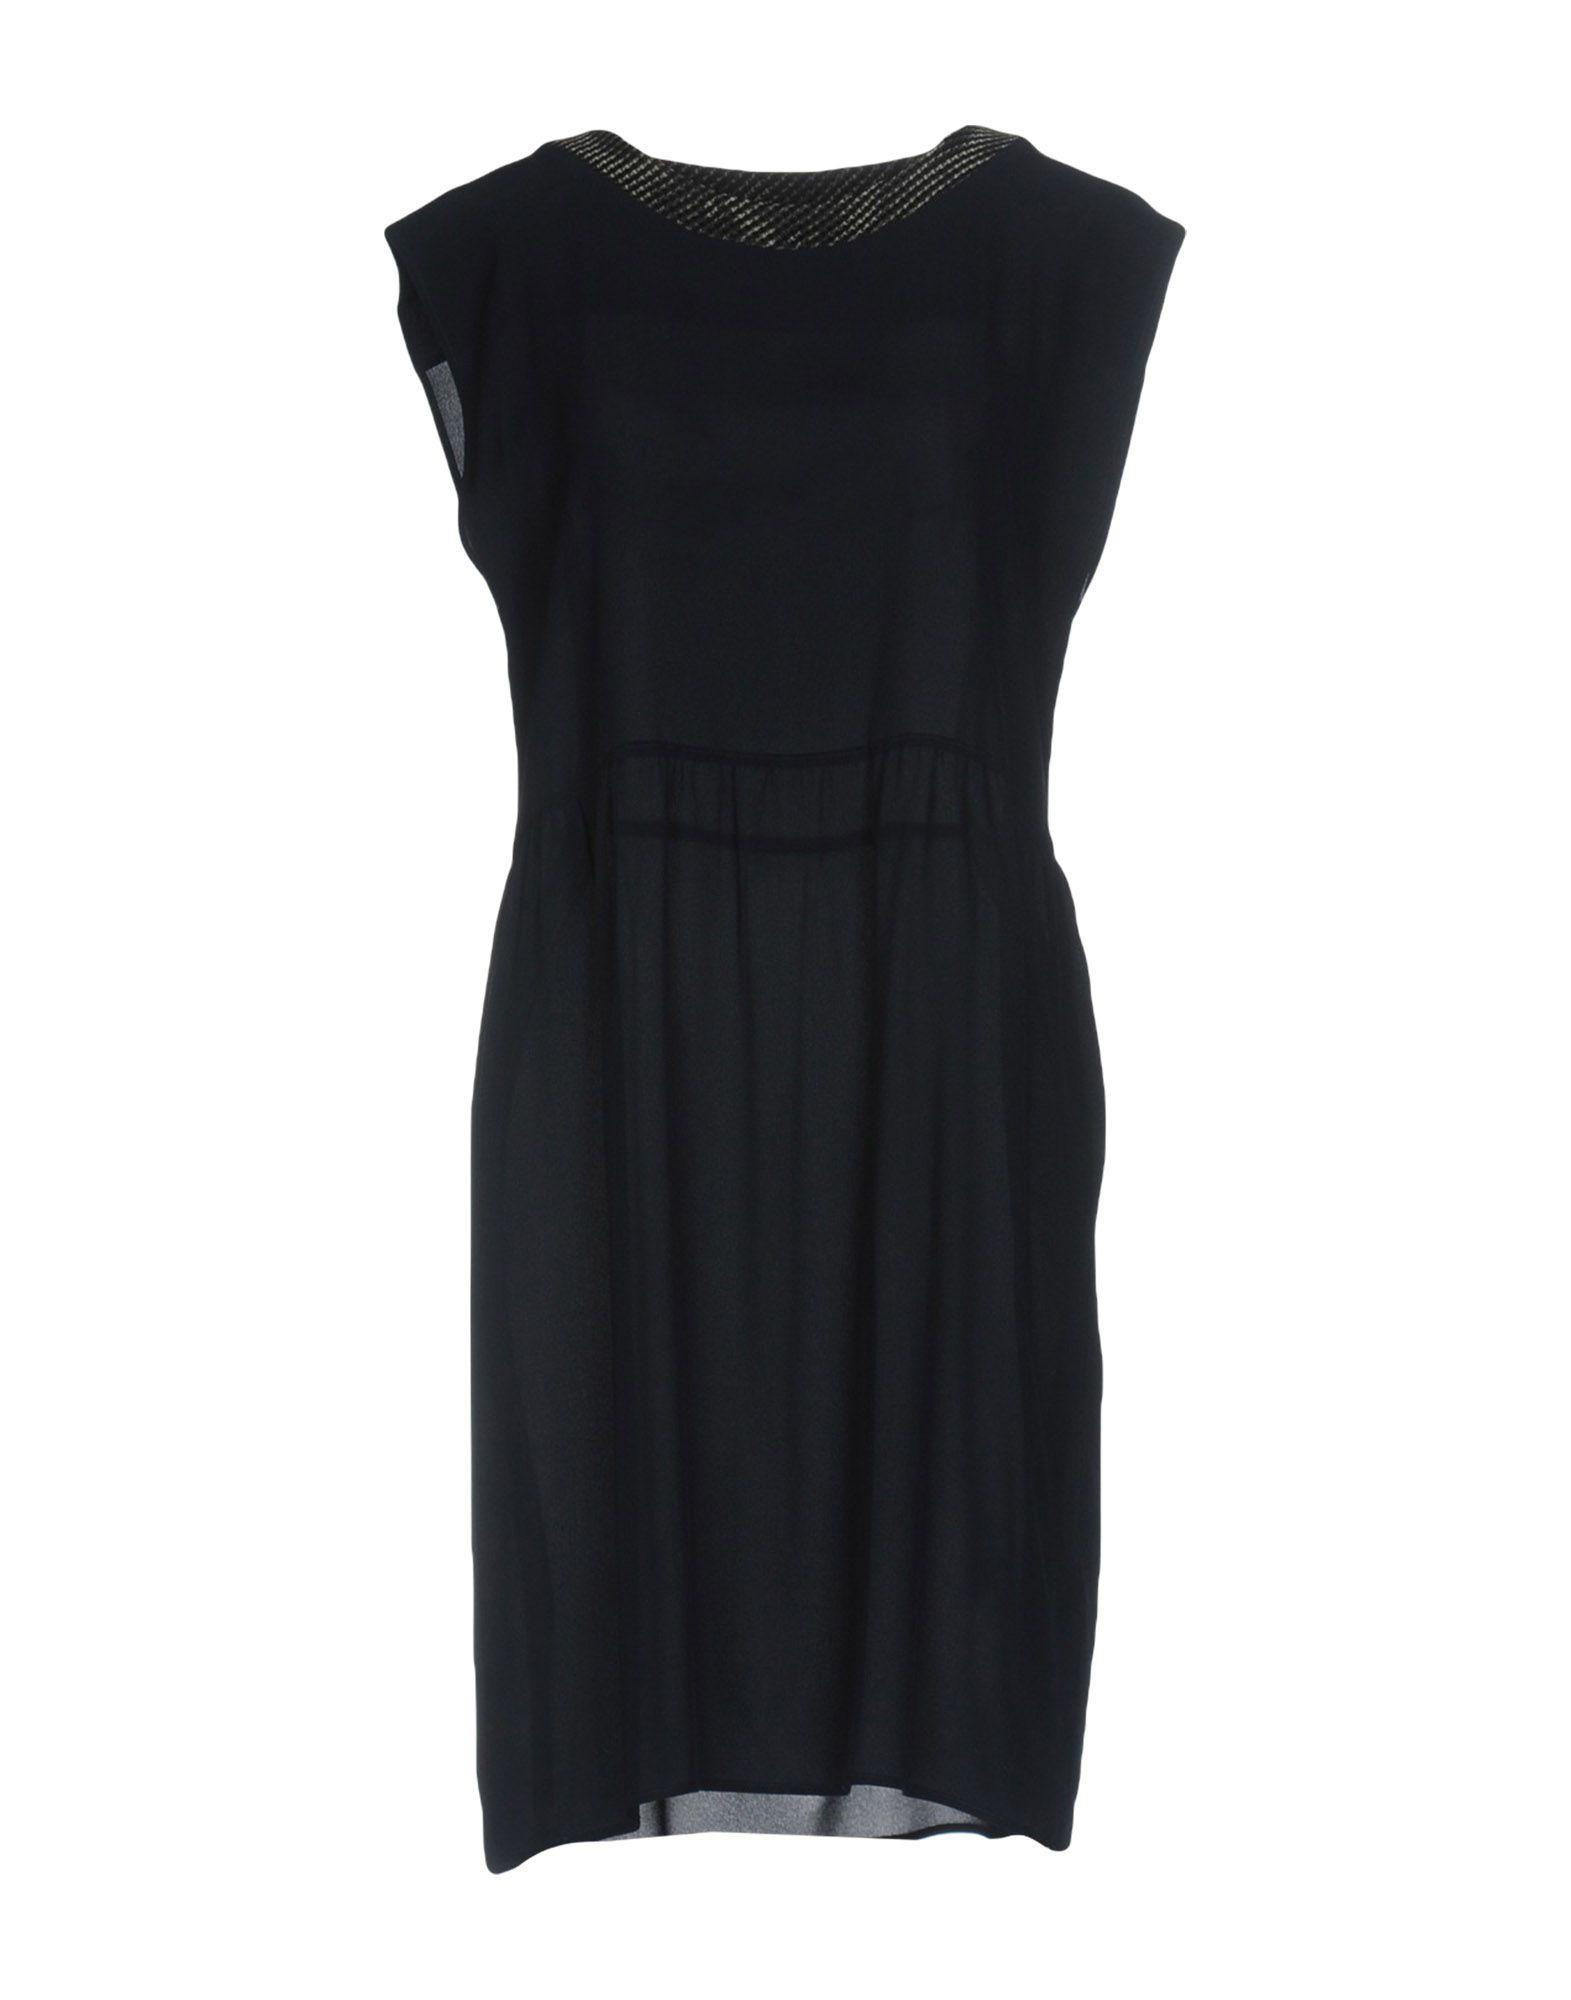 Vestito Corto Paul Smith Black Label Donna - Acquista online su mDthrG